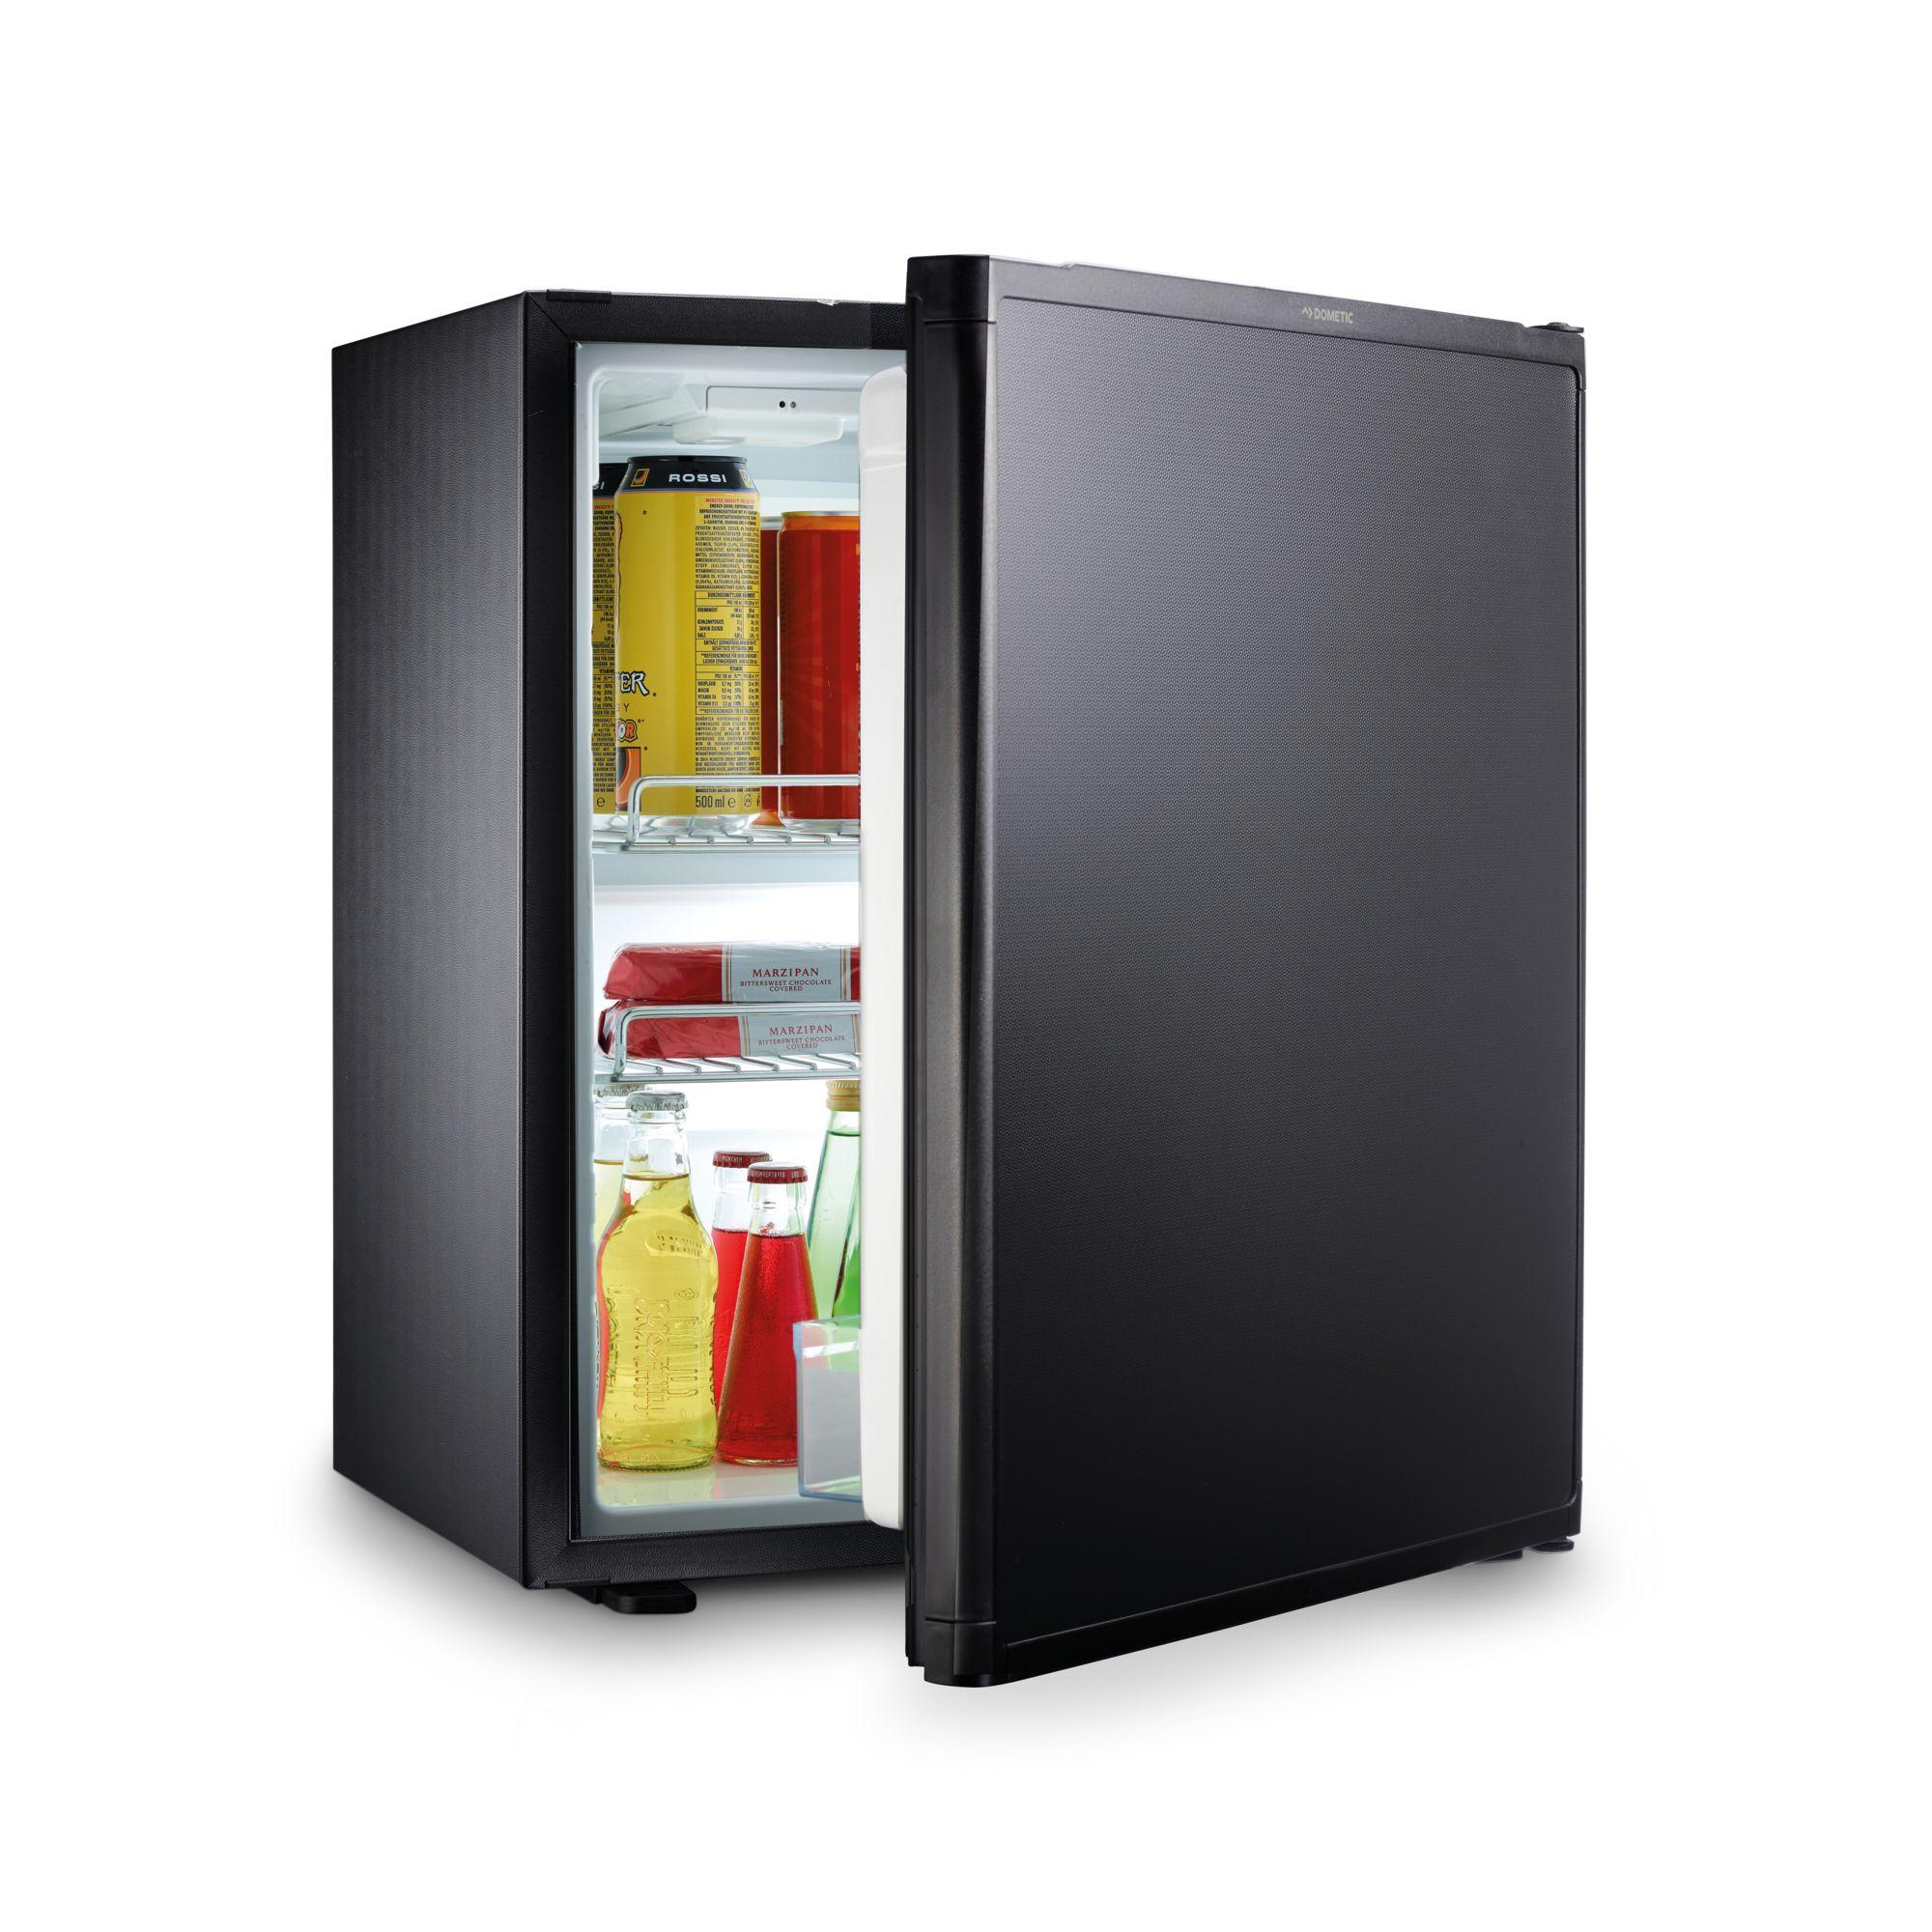 Minibar Dometic RH 569 LDFS